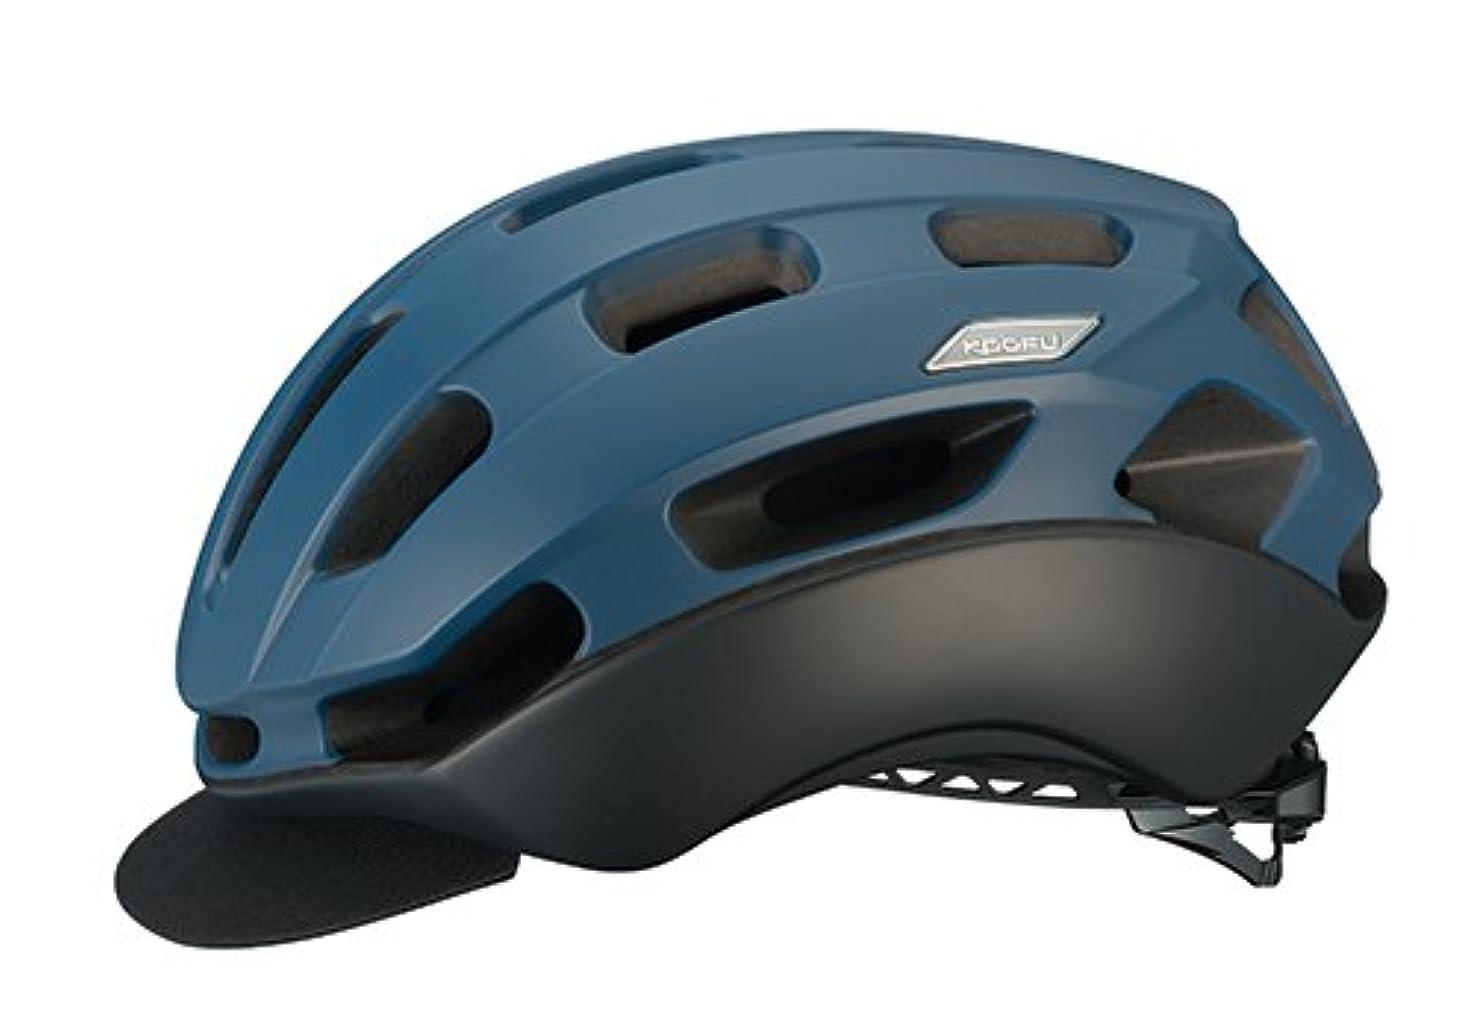 ファンシー宴会説教するOGK KABUTO(オージーケーカブト) ヘルメット BC-Glosbe2 マットネイビー S/M (頭囲:55cm-58cm)